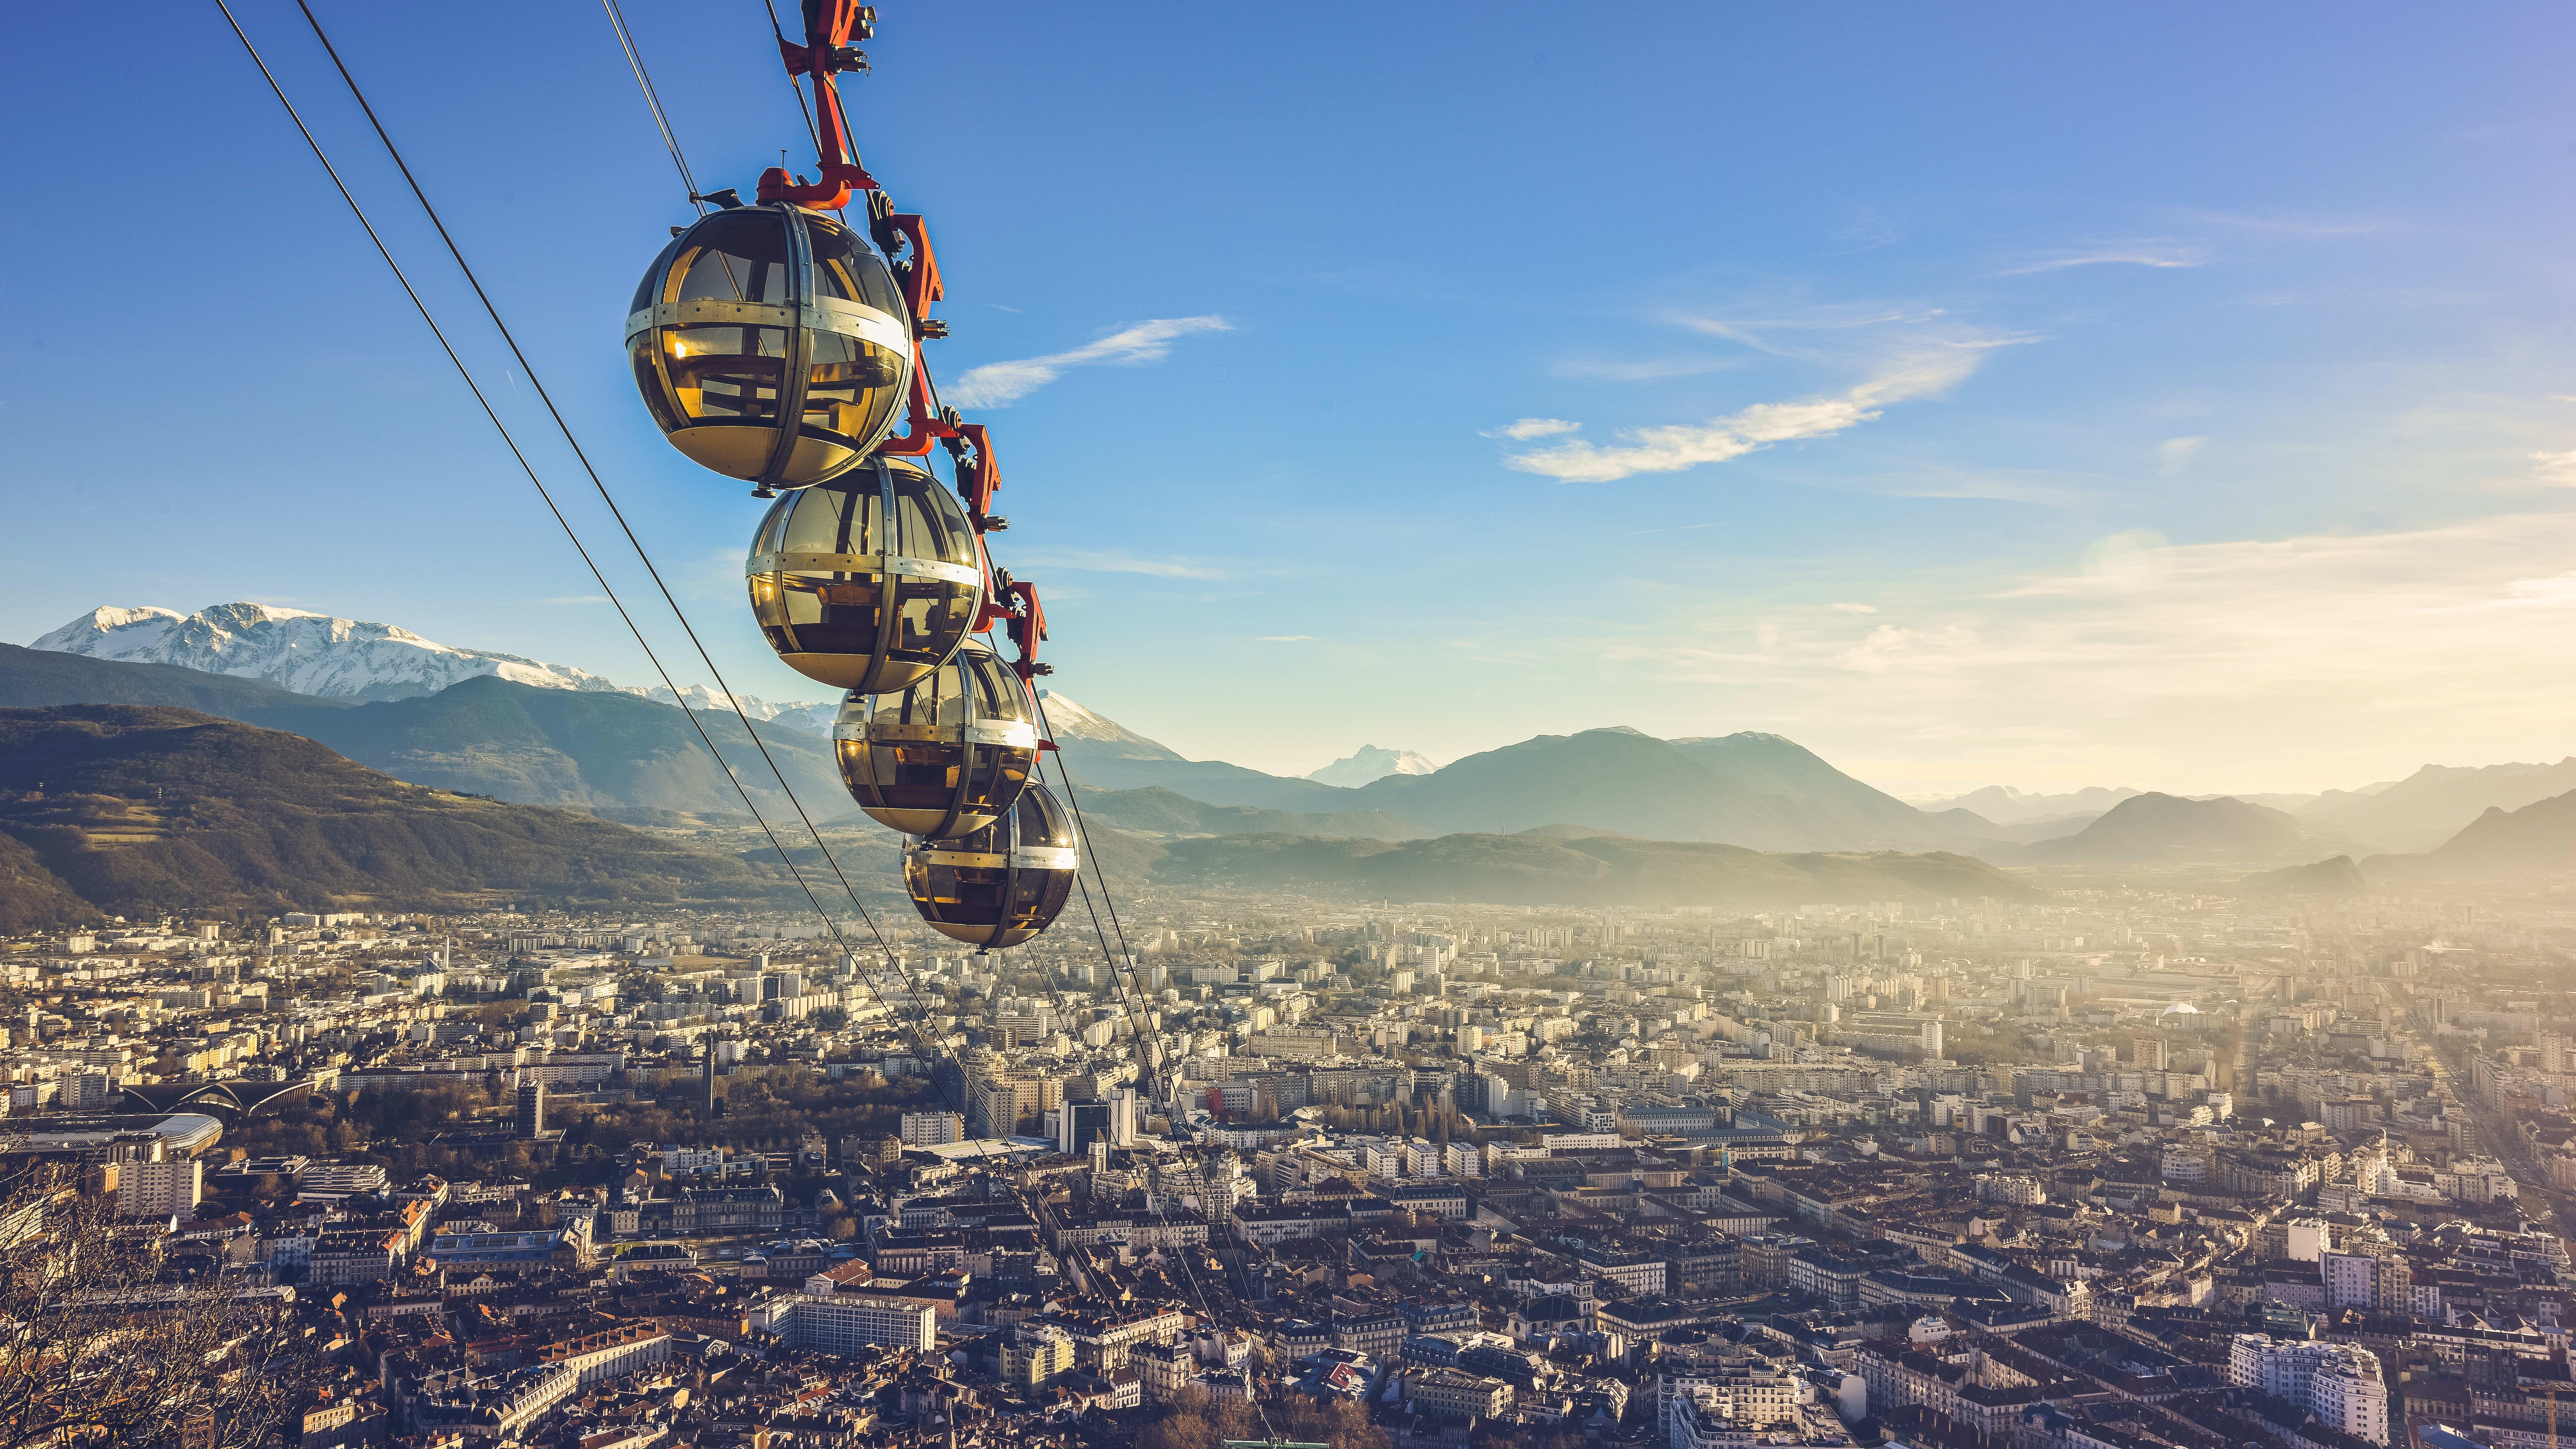 Estimation immobilière à Grenoble: les spécificités du centre-ville